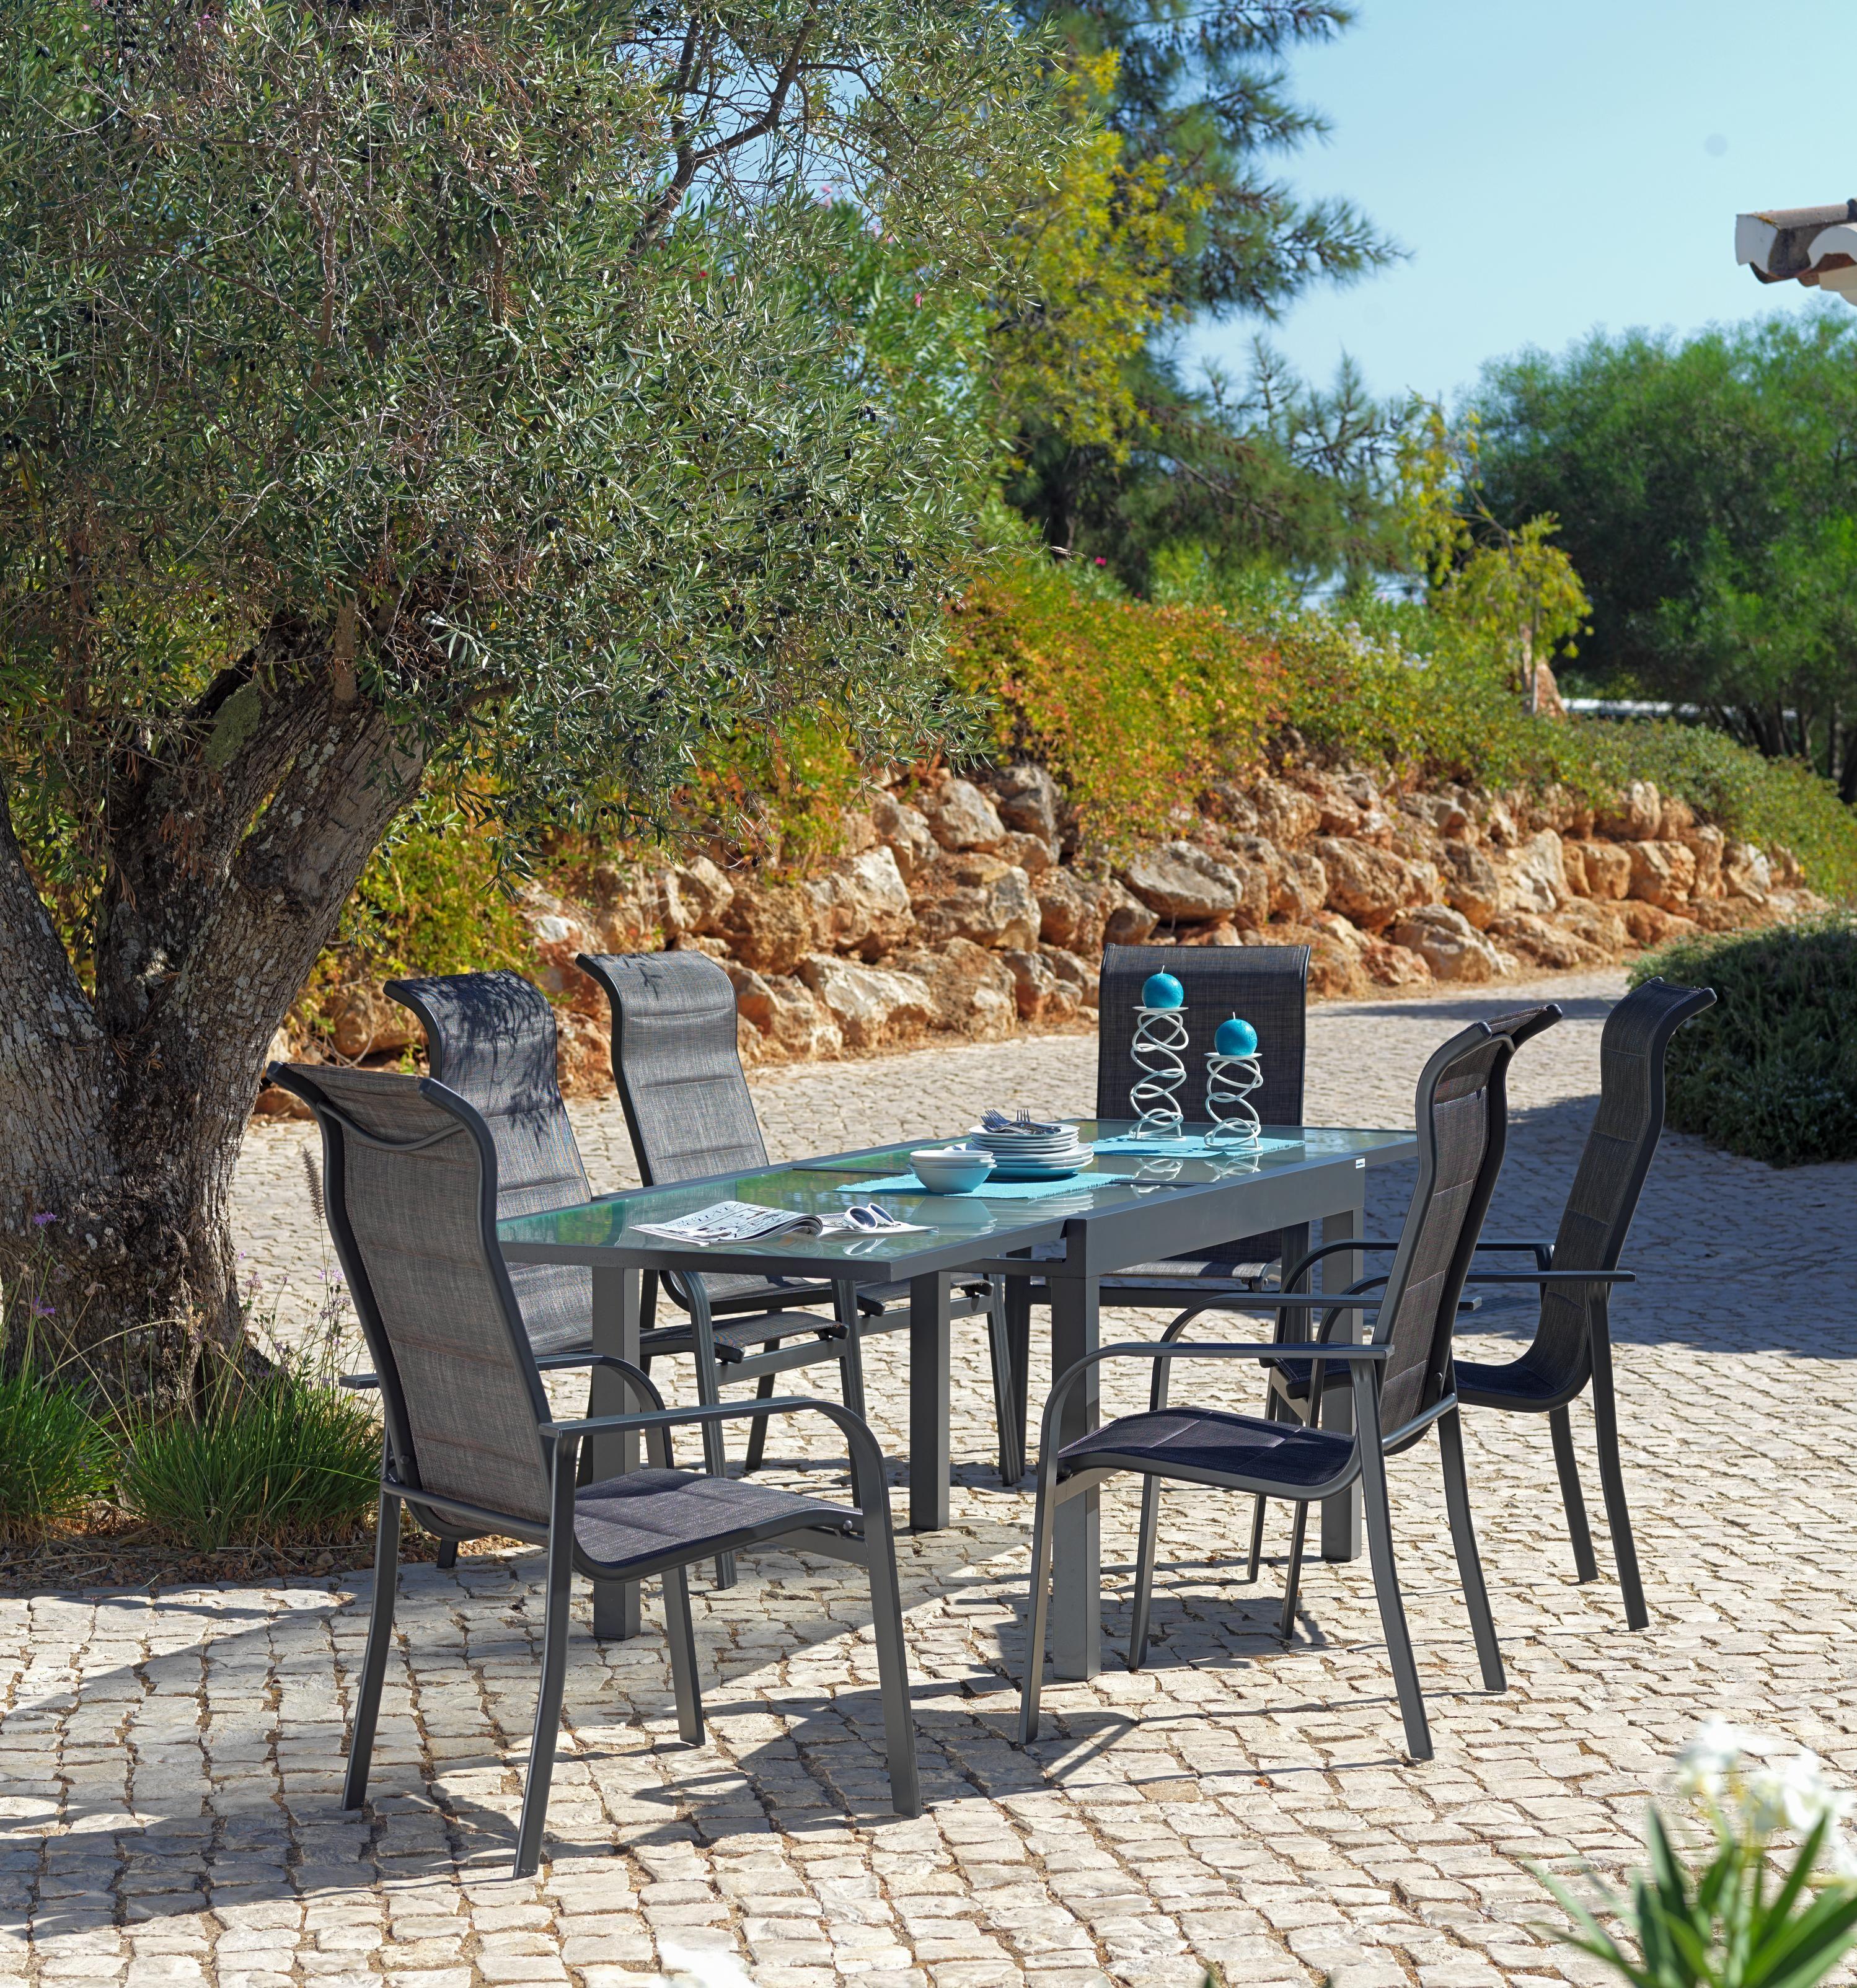 Garten Sitzgruppe Mit Hohen Ruckenlehnen Und Ausziehbarem Tisch Aus Glas Garten Sitzgruppe Garten Gartenmobel